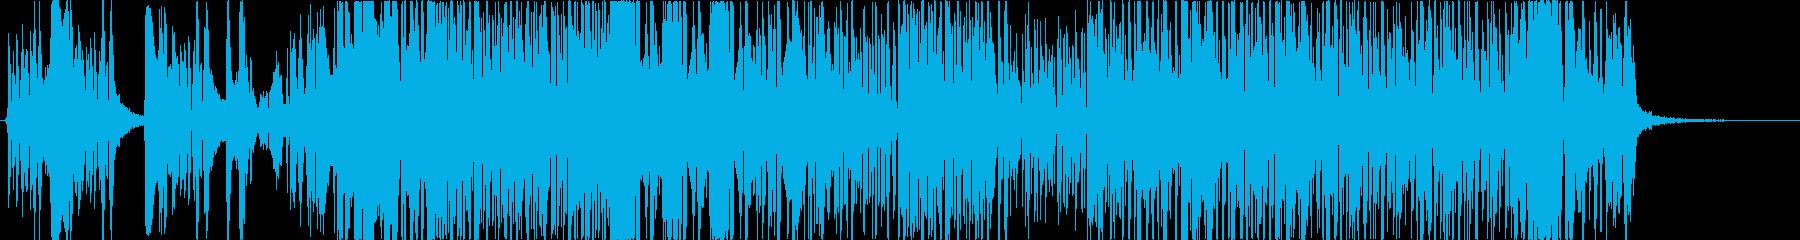 近未来サウンドのラップ多めHIPHOPの再生済みの波形